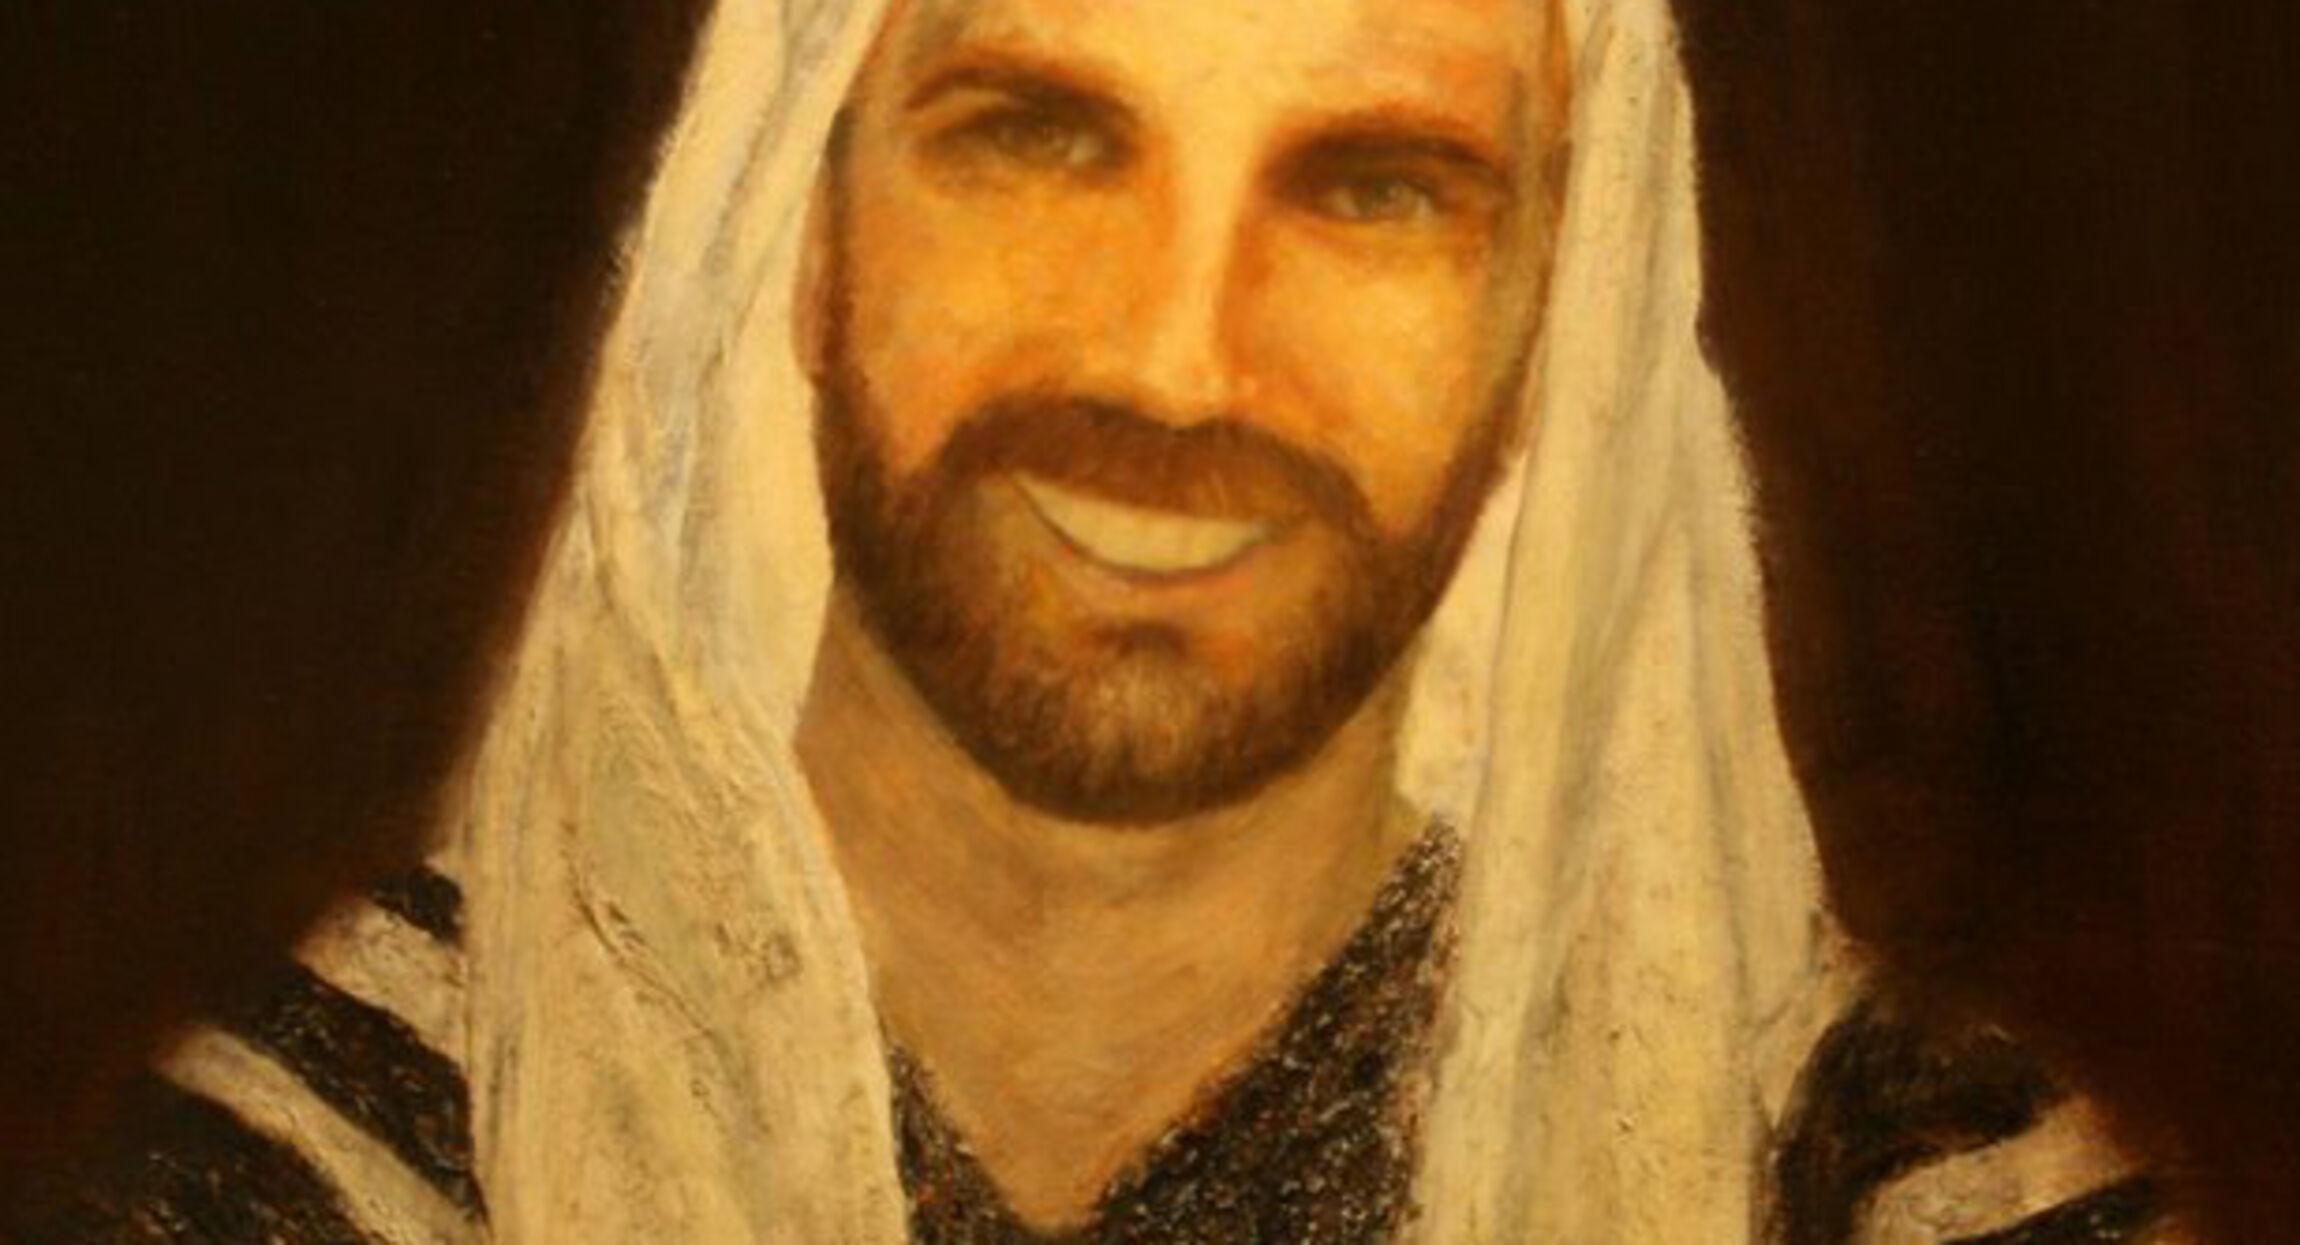 Rabbi_goldstein_gesicht_auschnitt